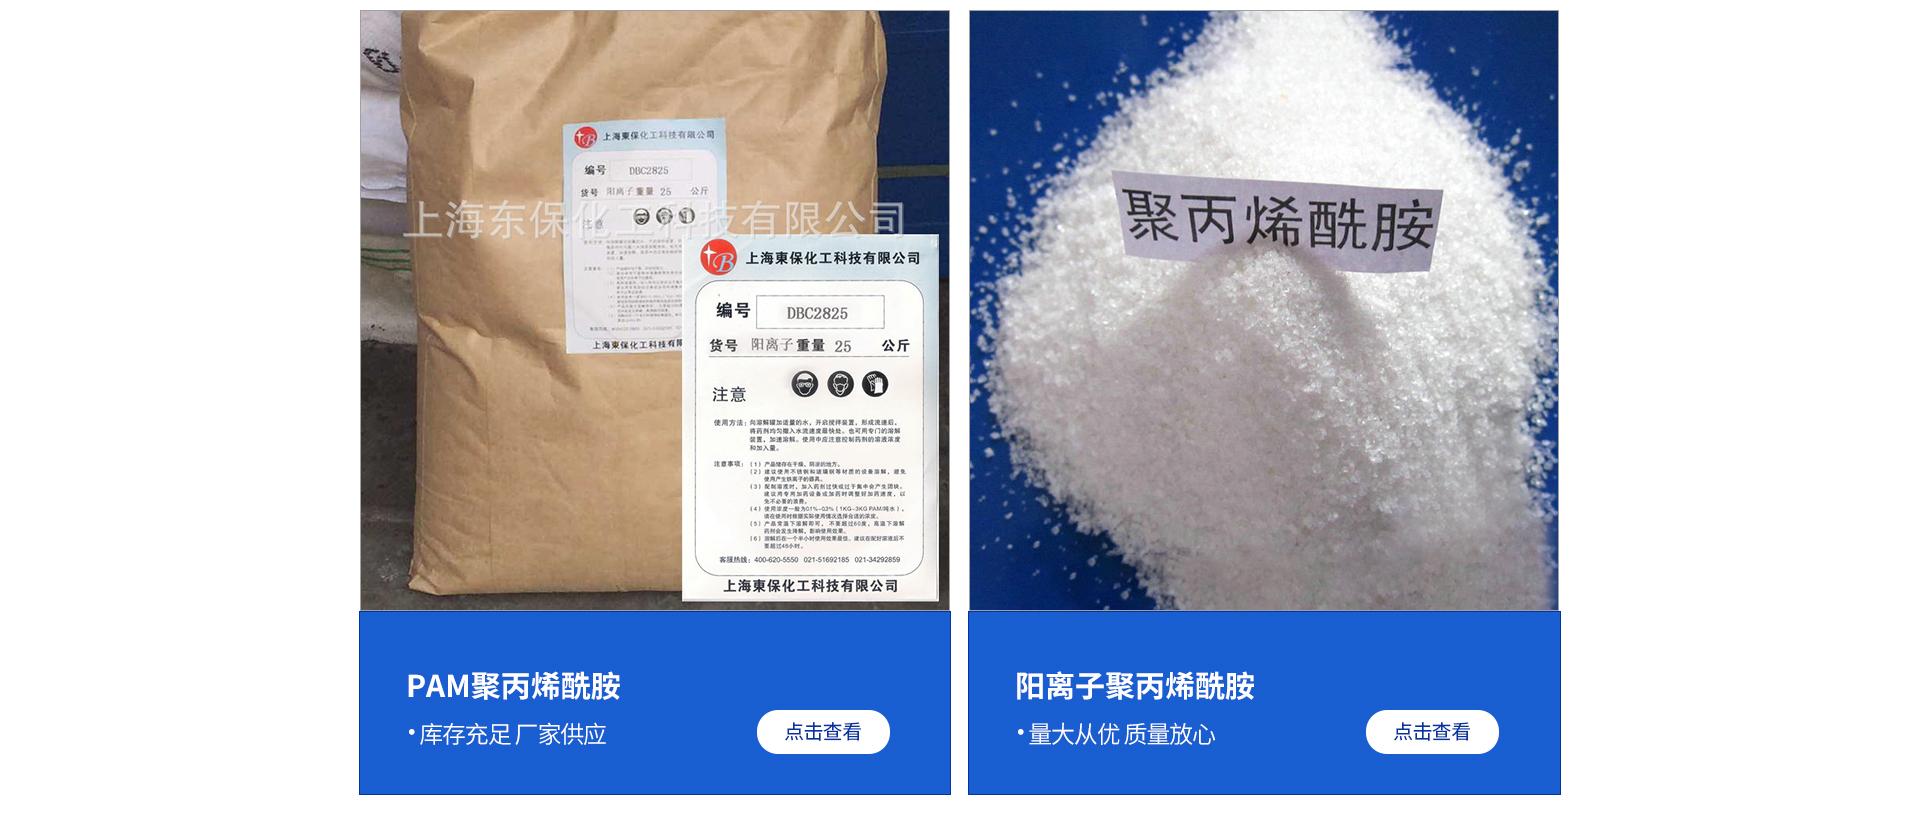 进口聚丙烯酰胺-聚丙烯酰胺的作用-聚丙烯酰胺PAM-东保化工絮凝剂